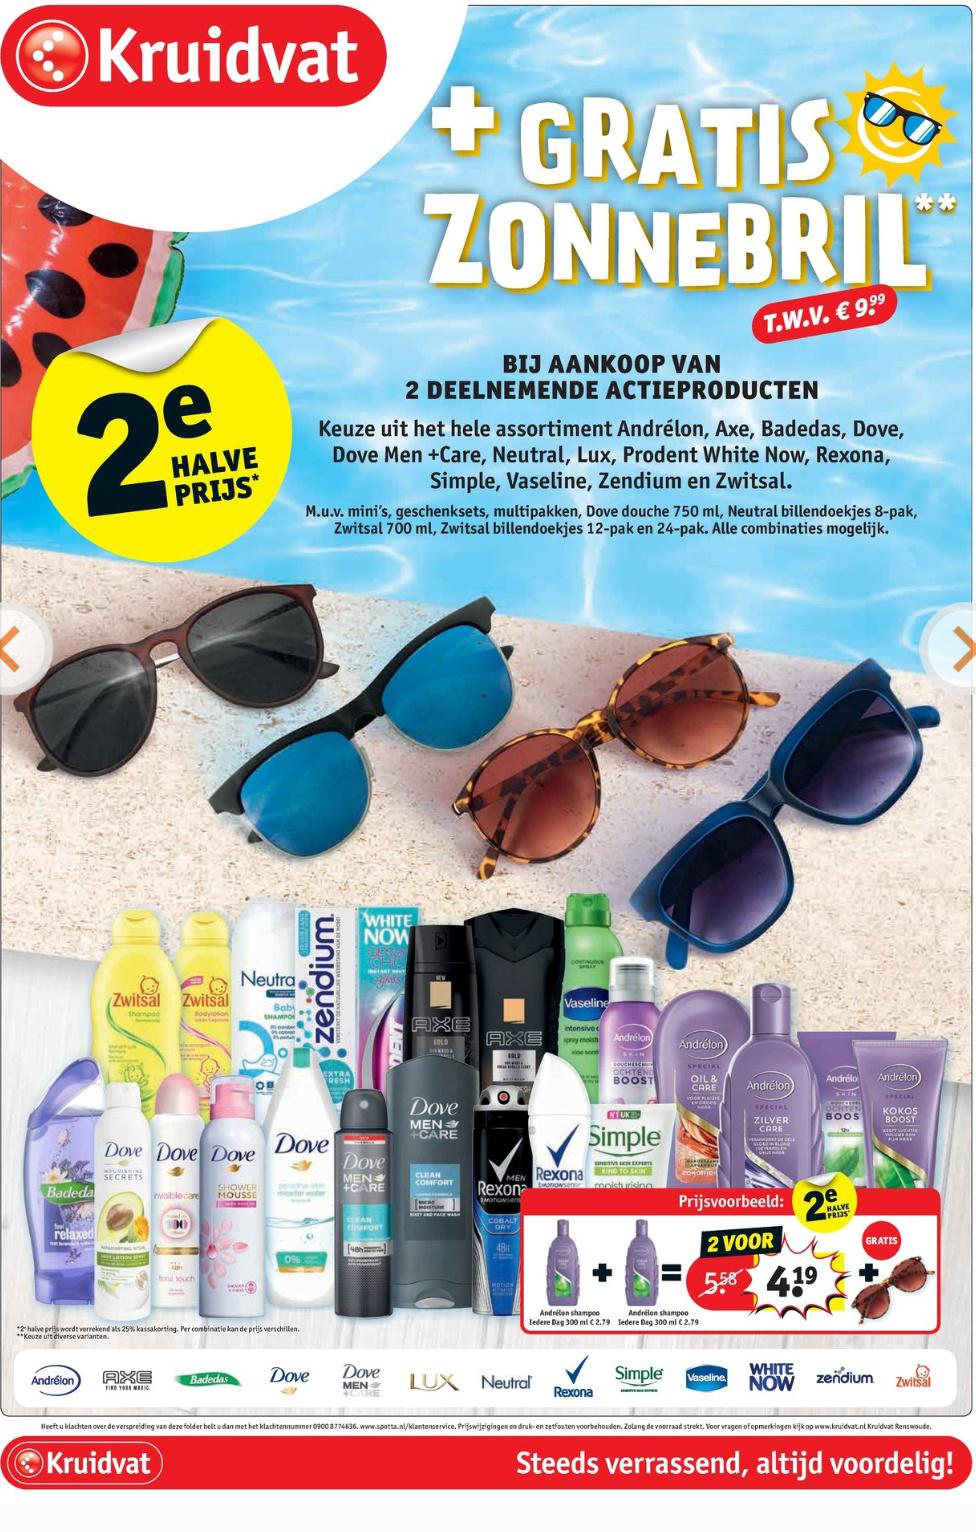 Gratis zonnebril twv €9.99 bij aankoop van 2 actieproducten bij Kruidvat